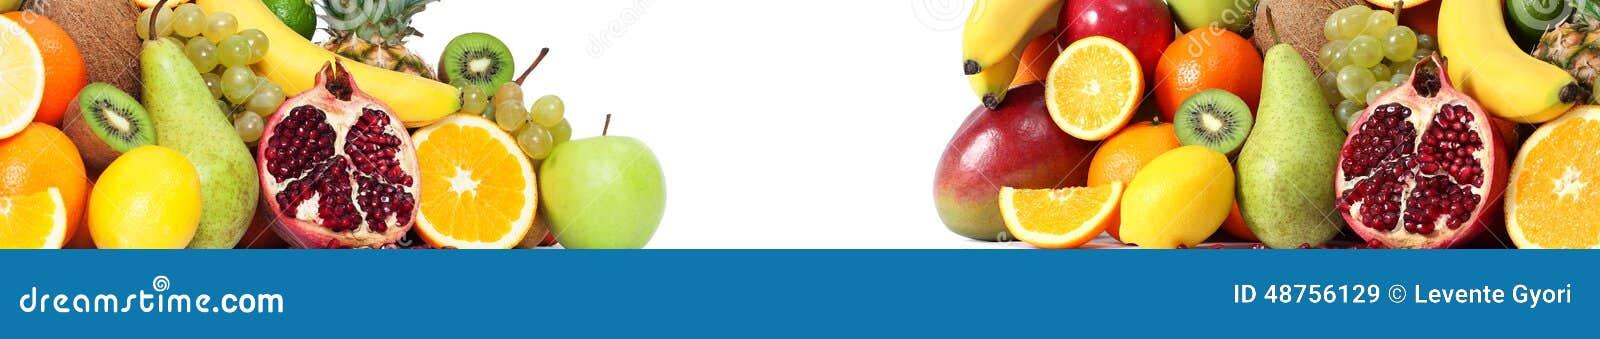 Food fruits banner